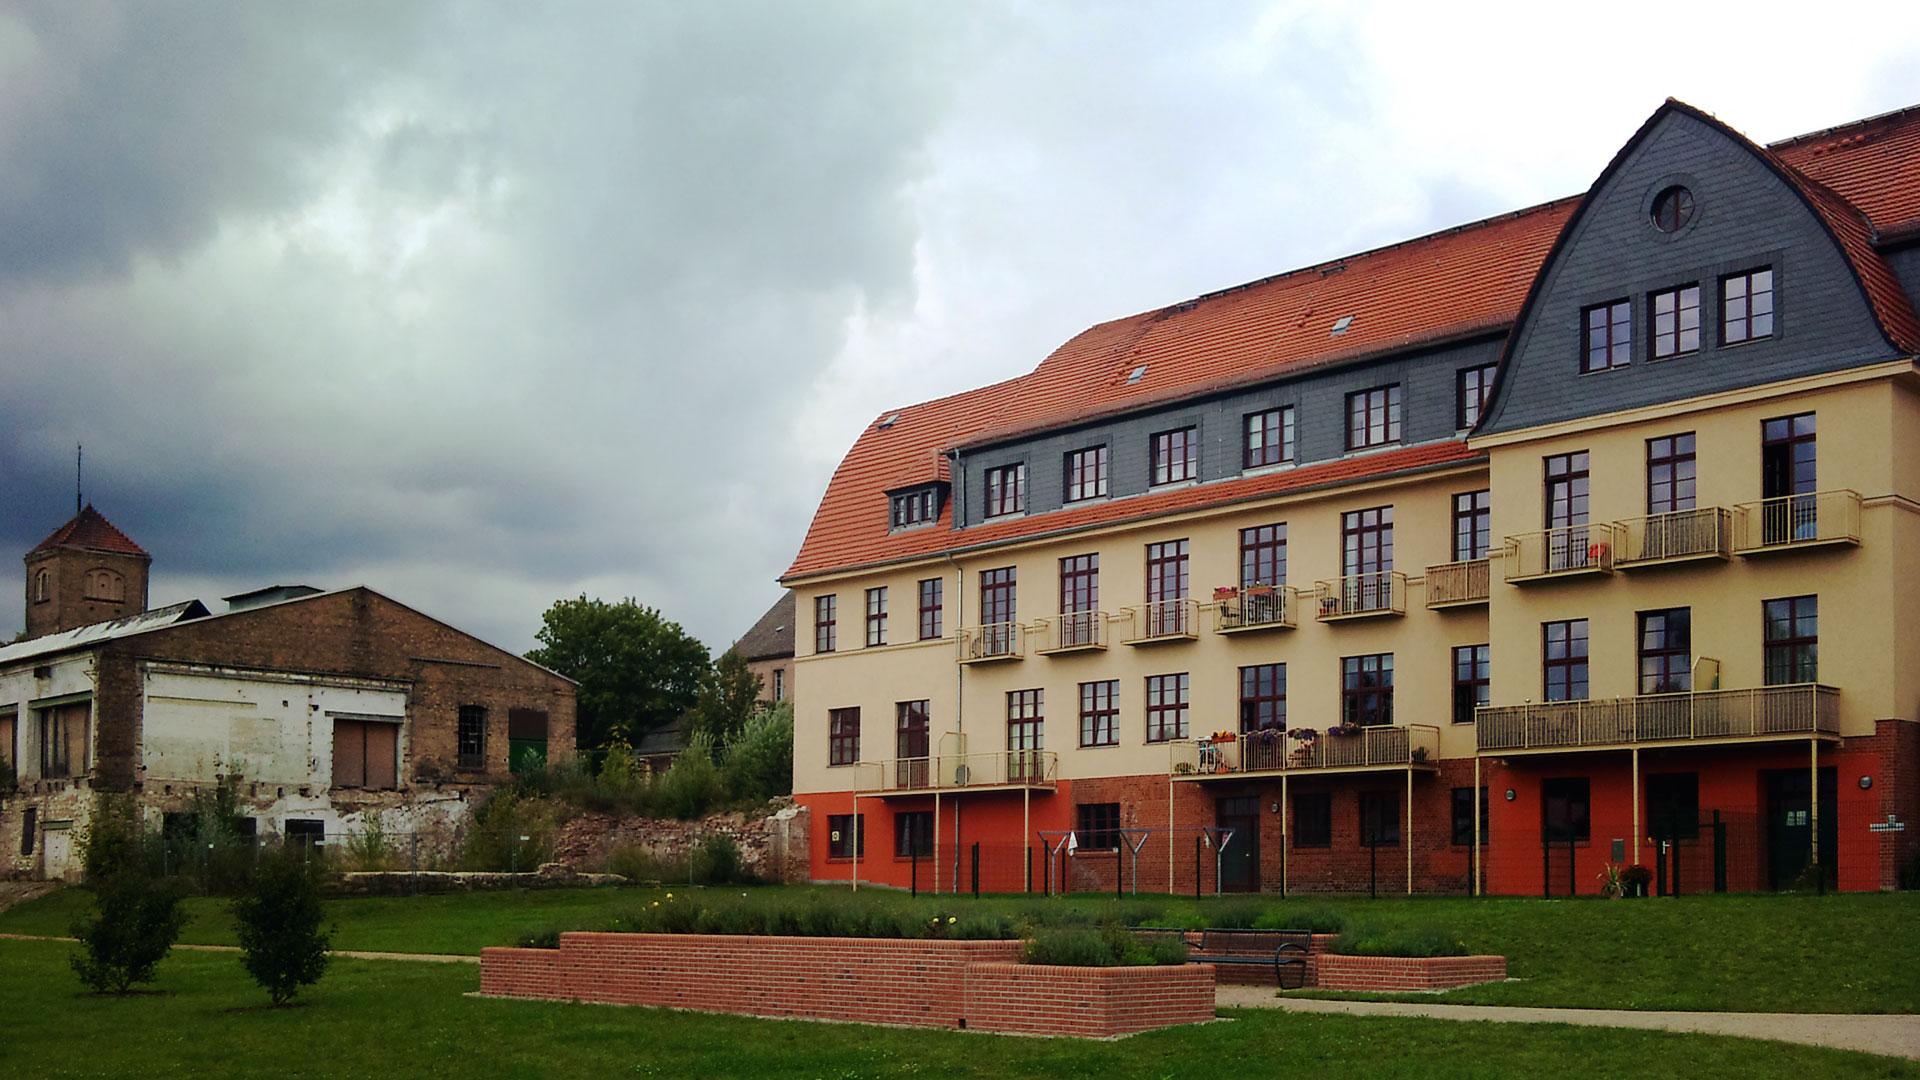 Erinnernde Geschichte: Das einstige Messingwerk von Finow. Wo früher gearbeitet wurde, wird heute luxuriös gewohnt.